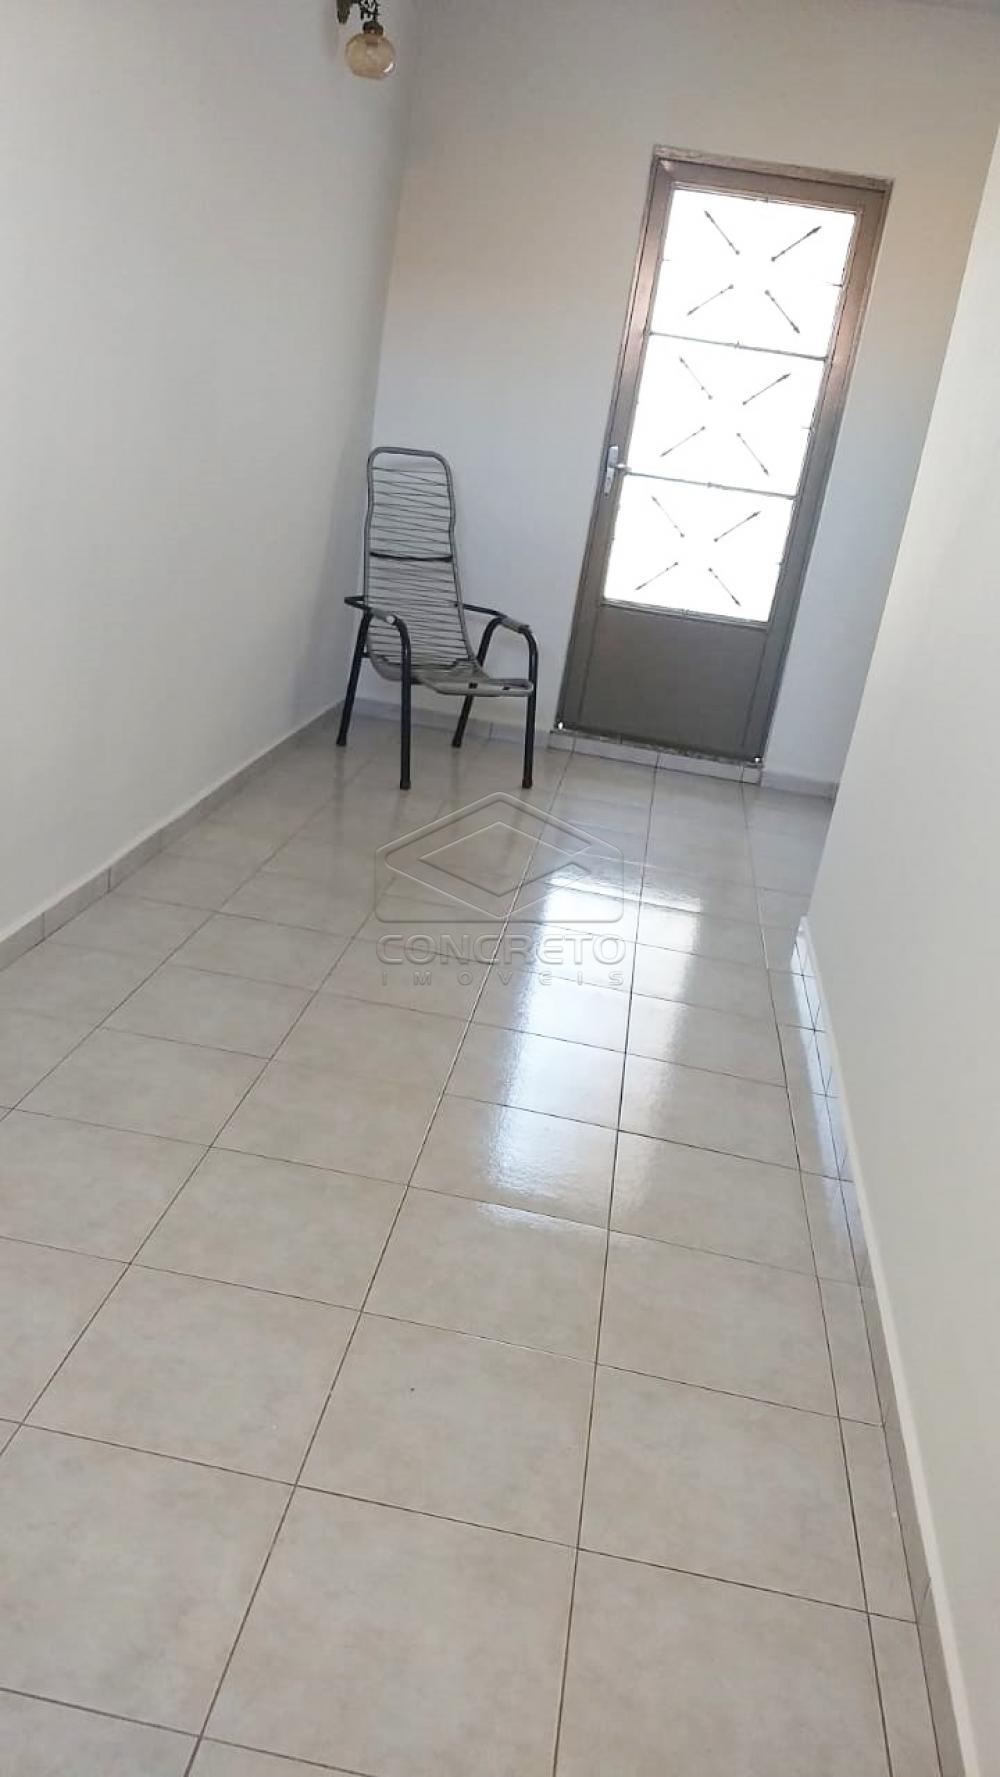 Comprar Casa / Residencia em Jaú apenas R$ 305.000,00 - Foto 5